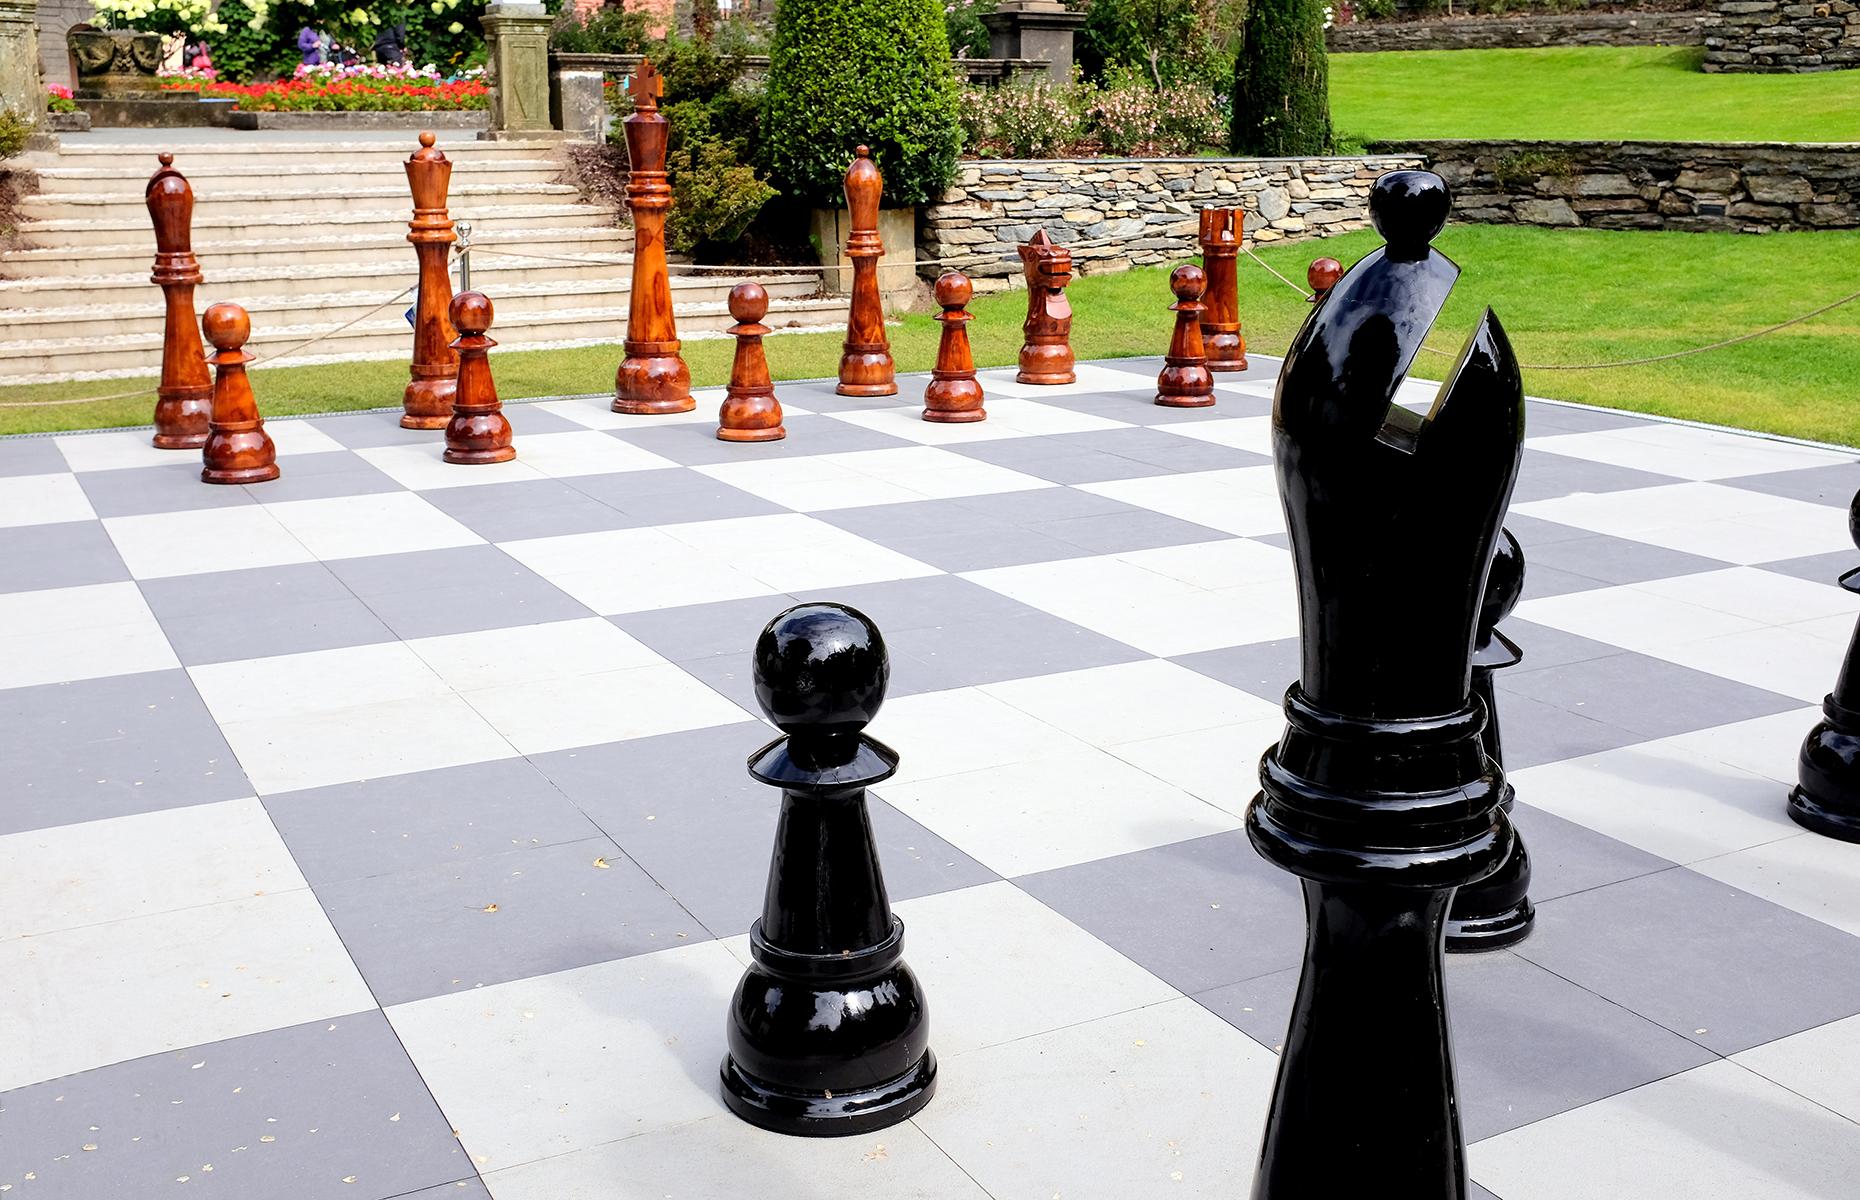 Portmeirion village chess